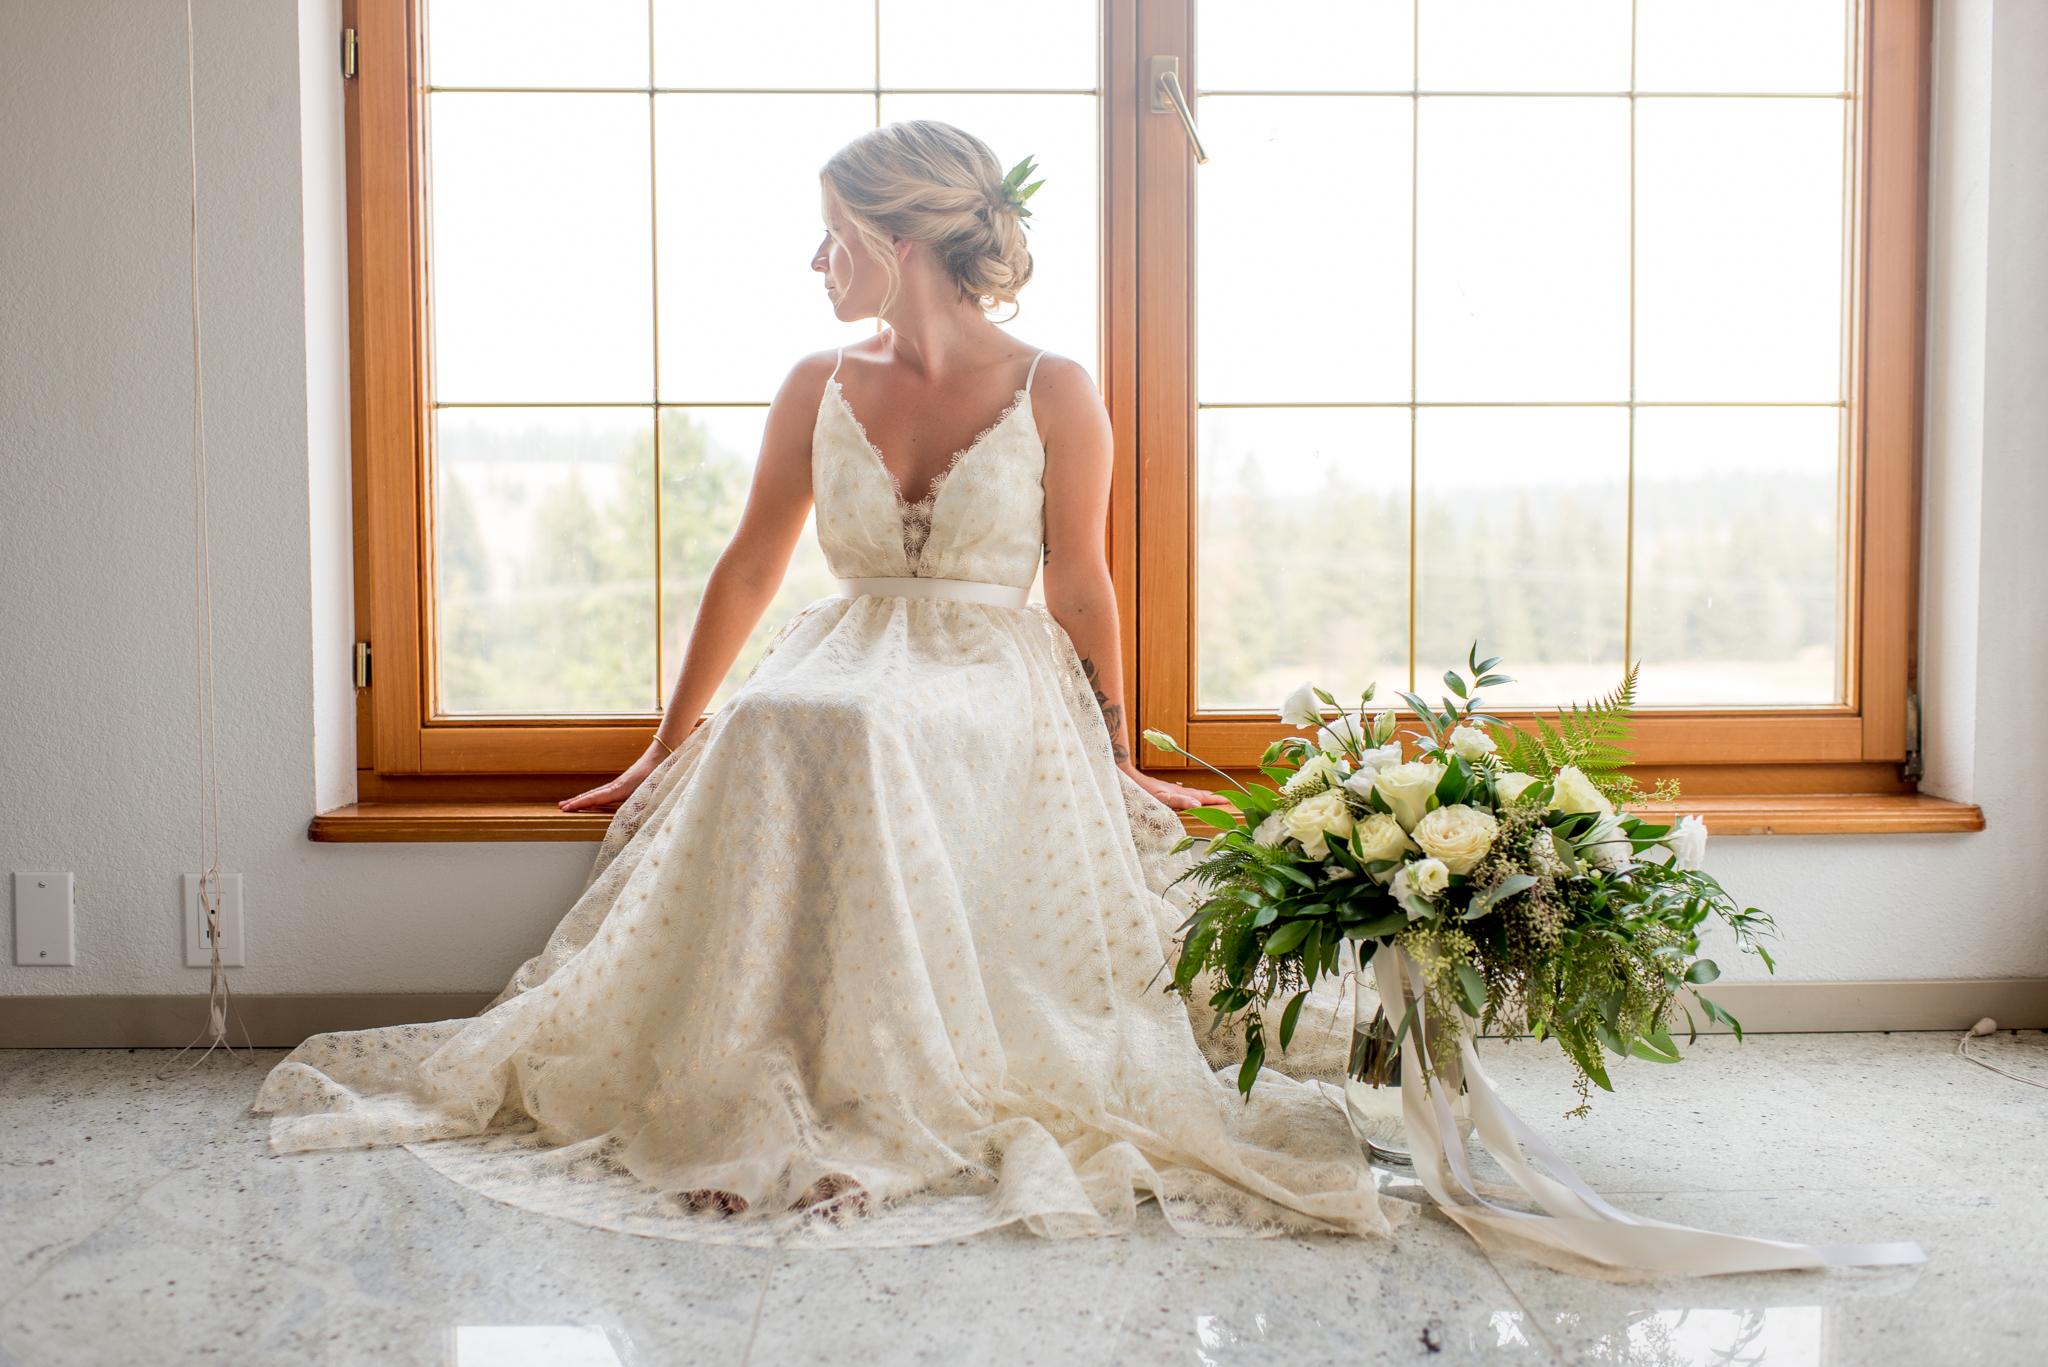 Truvelle bridal dress